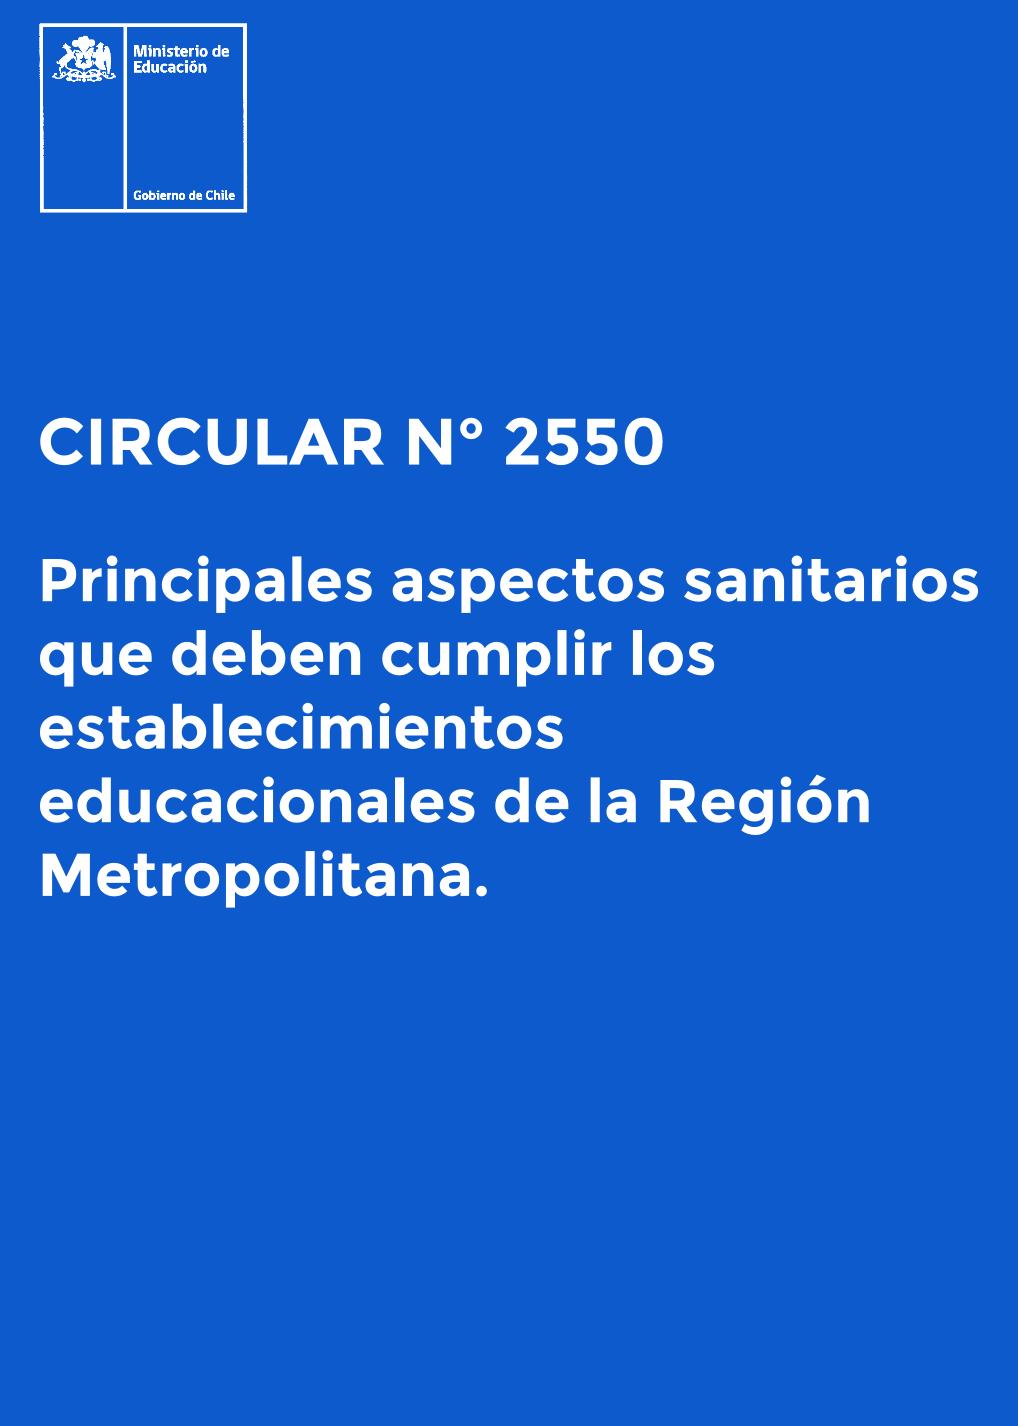 circular 2550